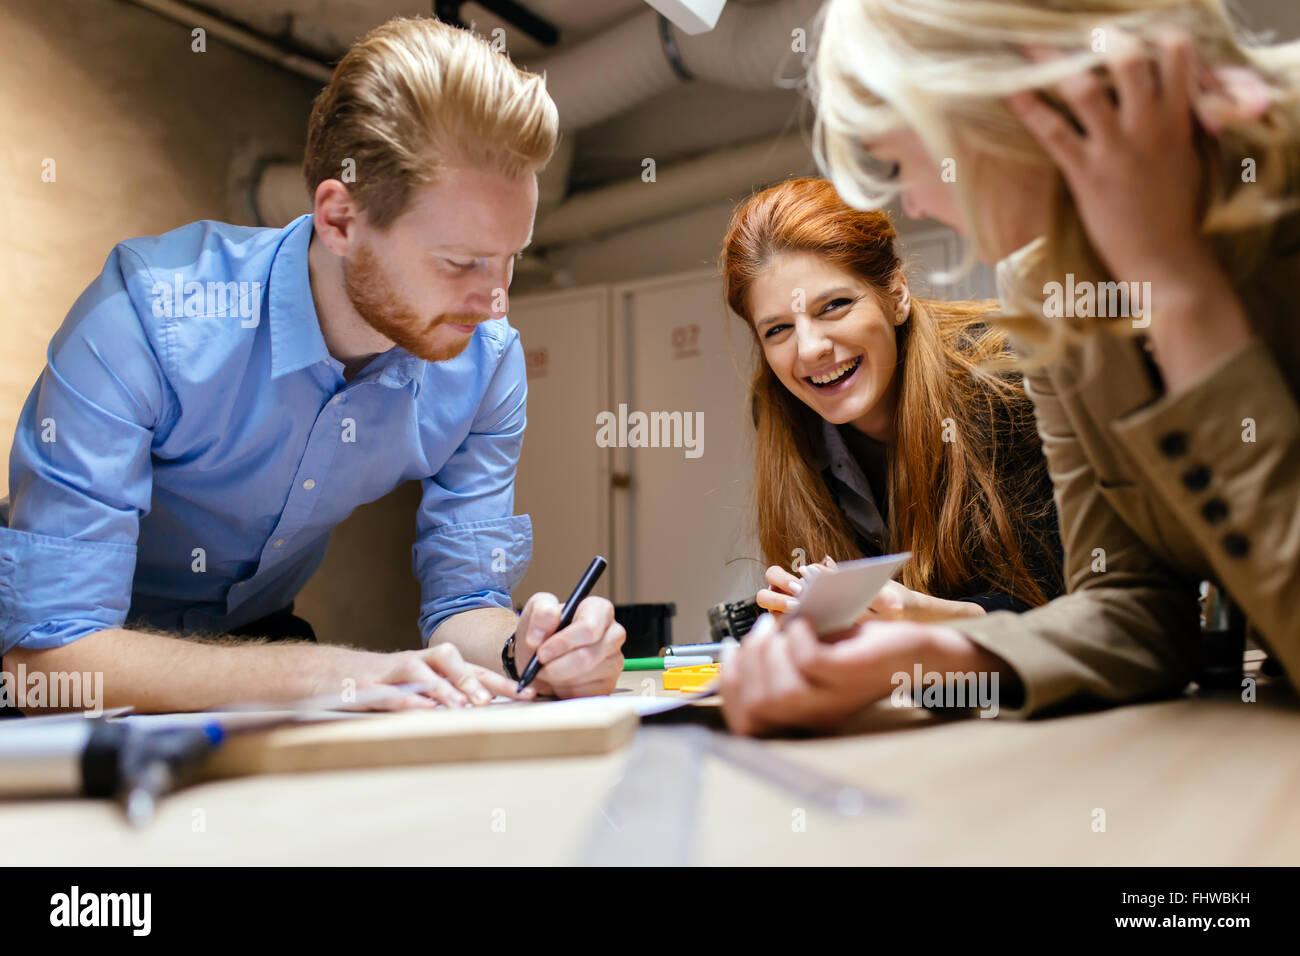 Team zusammen am Projekt arbeiten und Austausch von Ideen in Werkstatt Stockbild